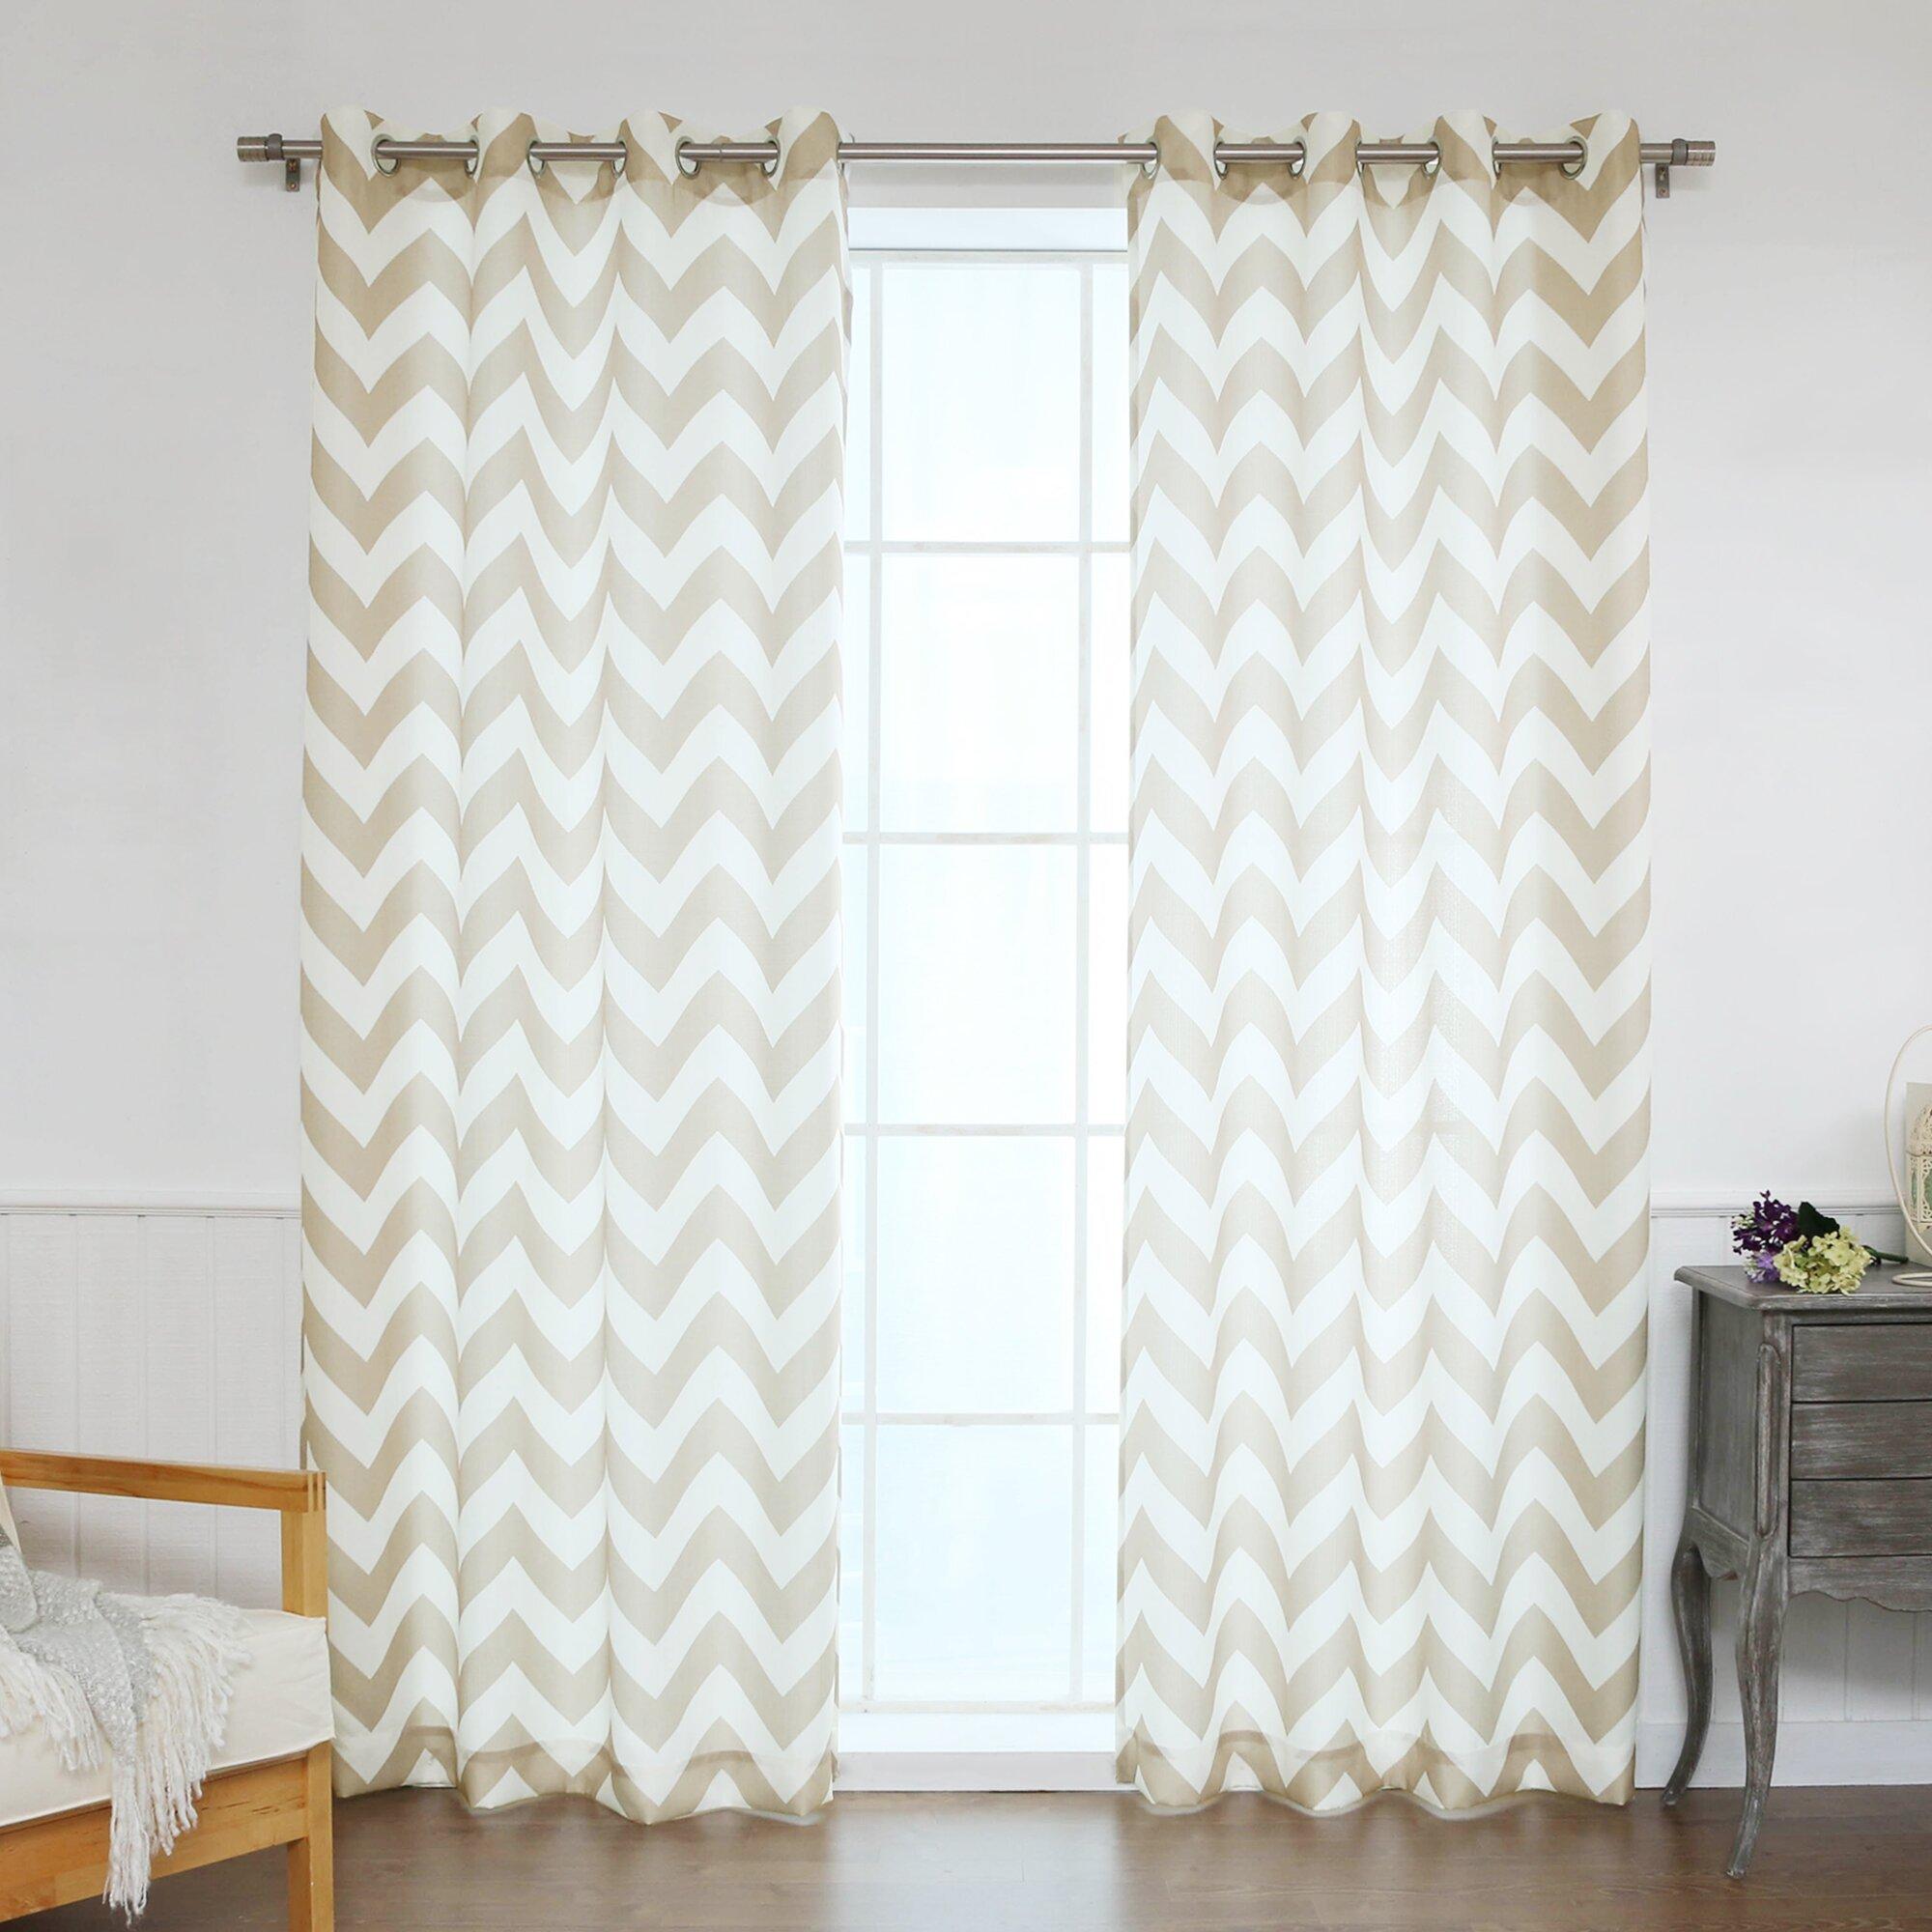 Best Home Fashion Chevron Curtain